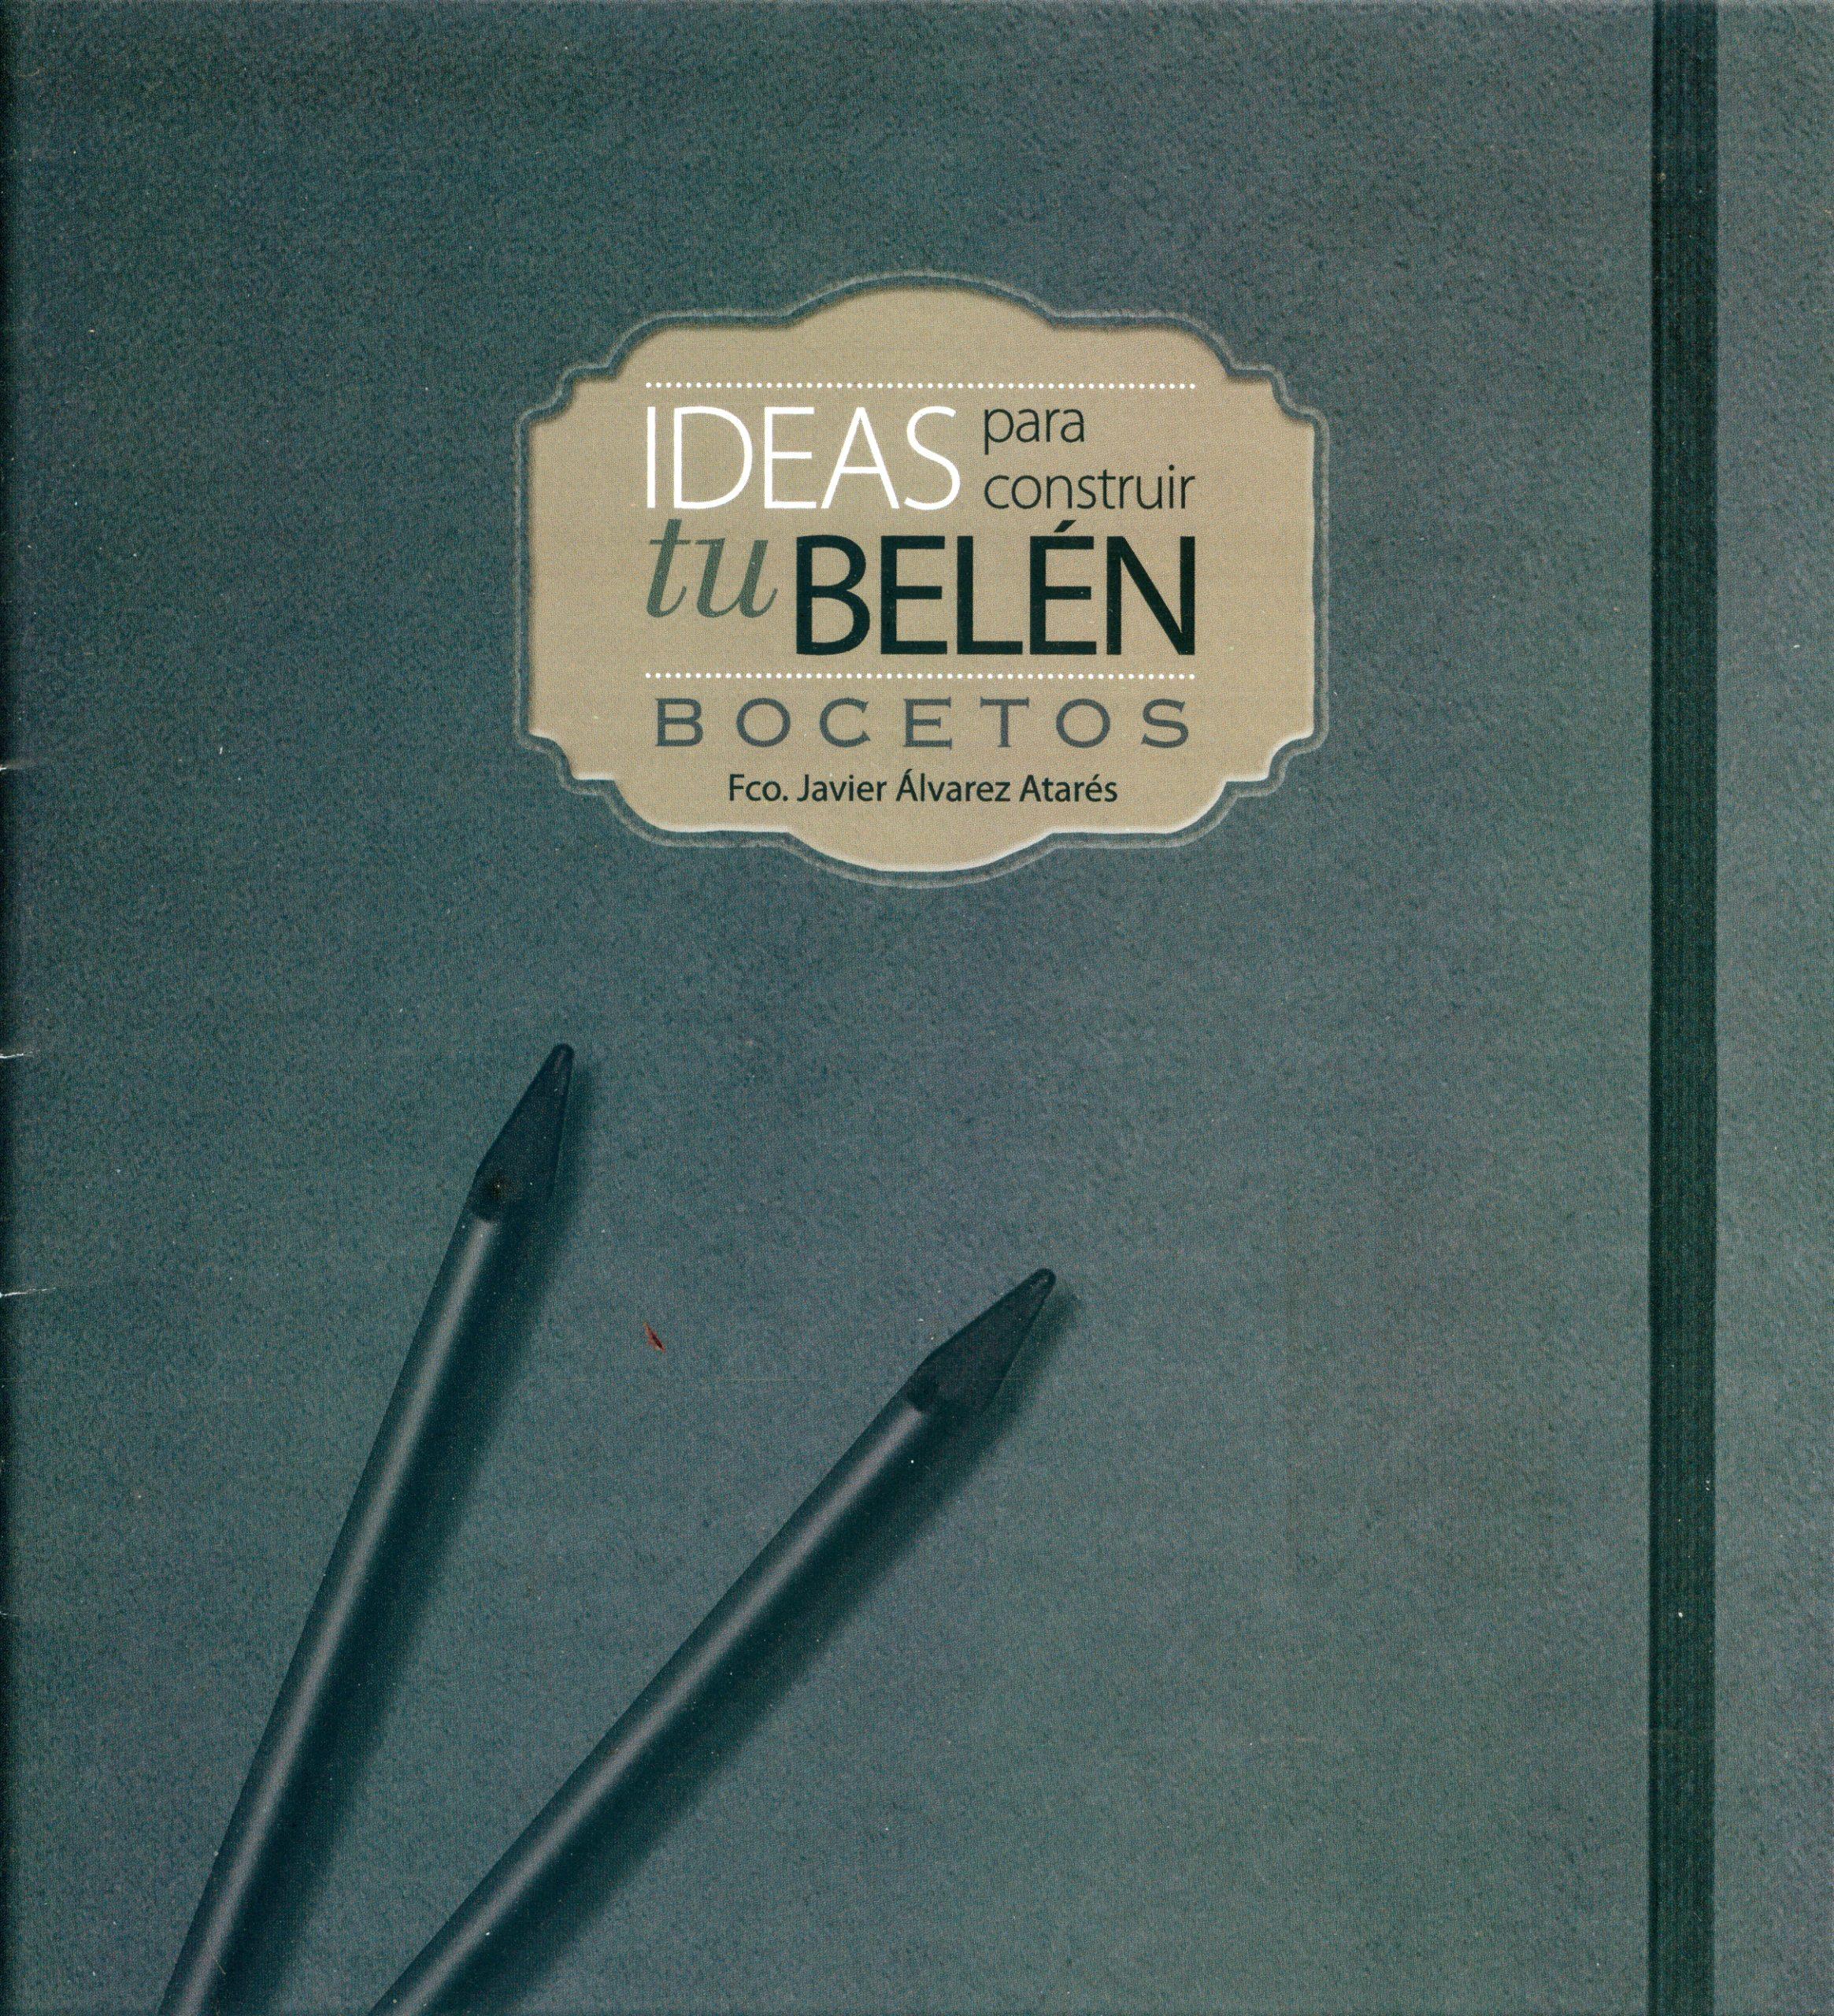 """Portada de la separata """"Bocetos"""" del libro """"Ideas para construir tu belén"""" de Francisco Javier Álvarez Atarés, editado por FdB Editions SL"""